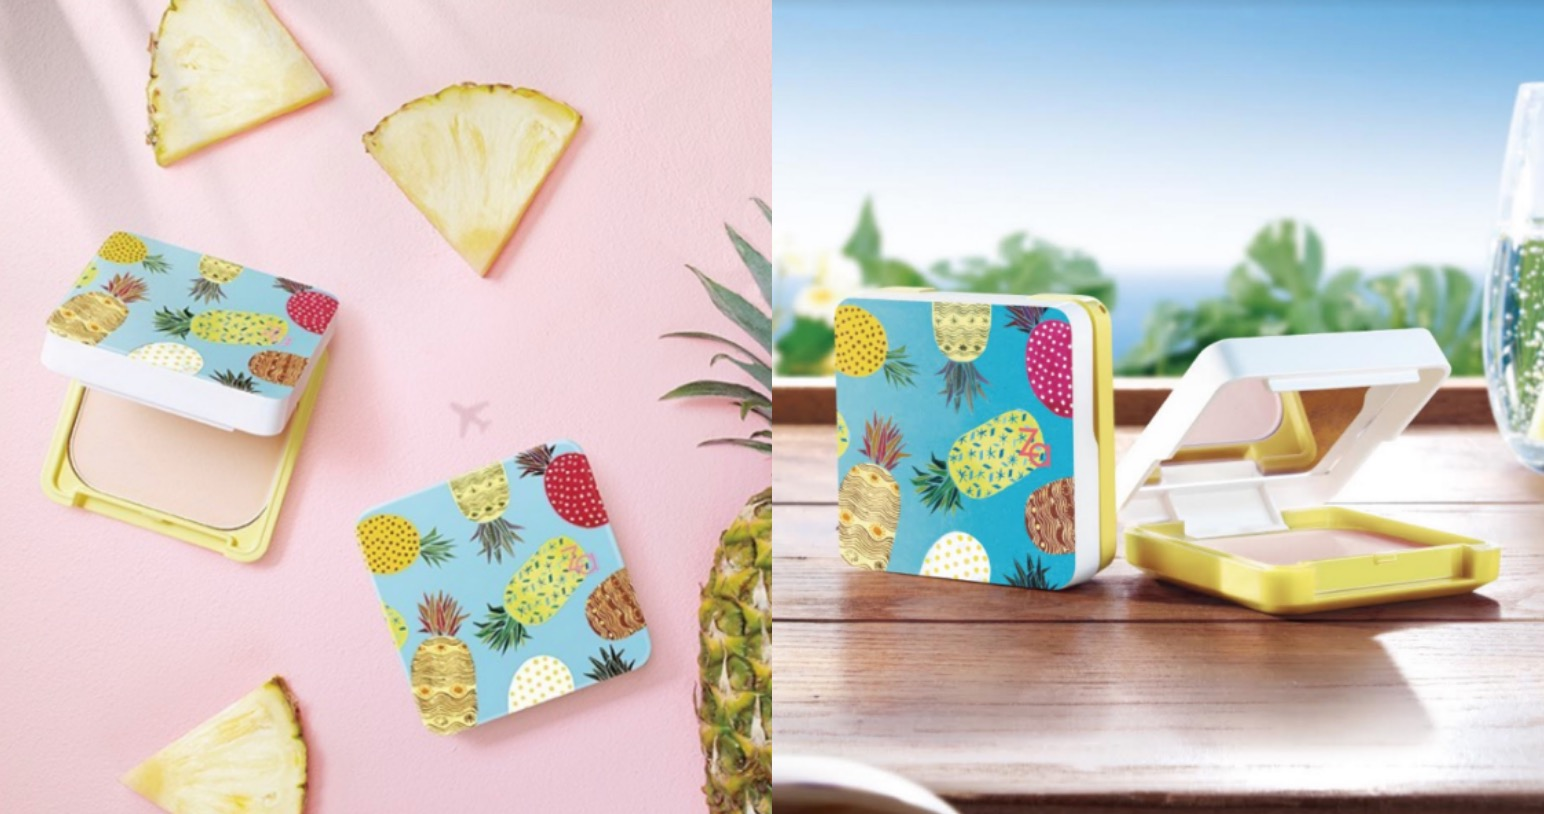 開架非常熱賣的小方盒粉餅,這次推出夏季限定版的鳳梨圖樣超級可愛,如果去墾丁玩很適合拿這個一起拍照,隨身好攜帶,補妝時更顯與眾不同。